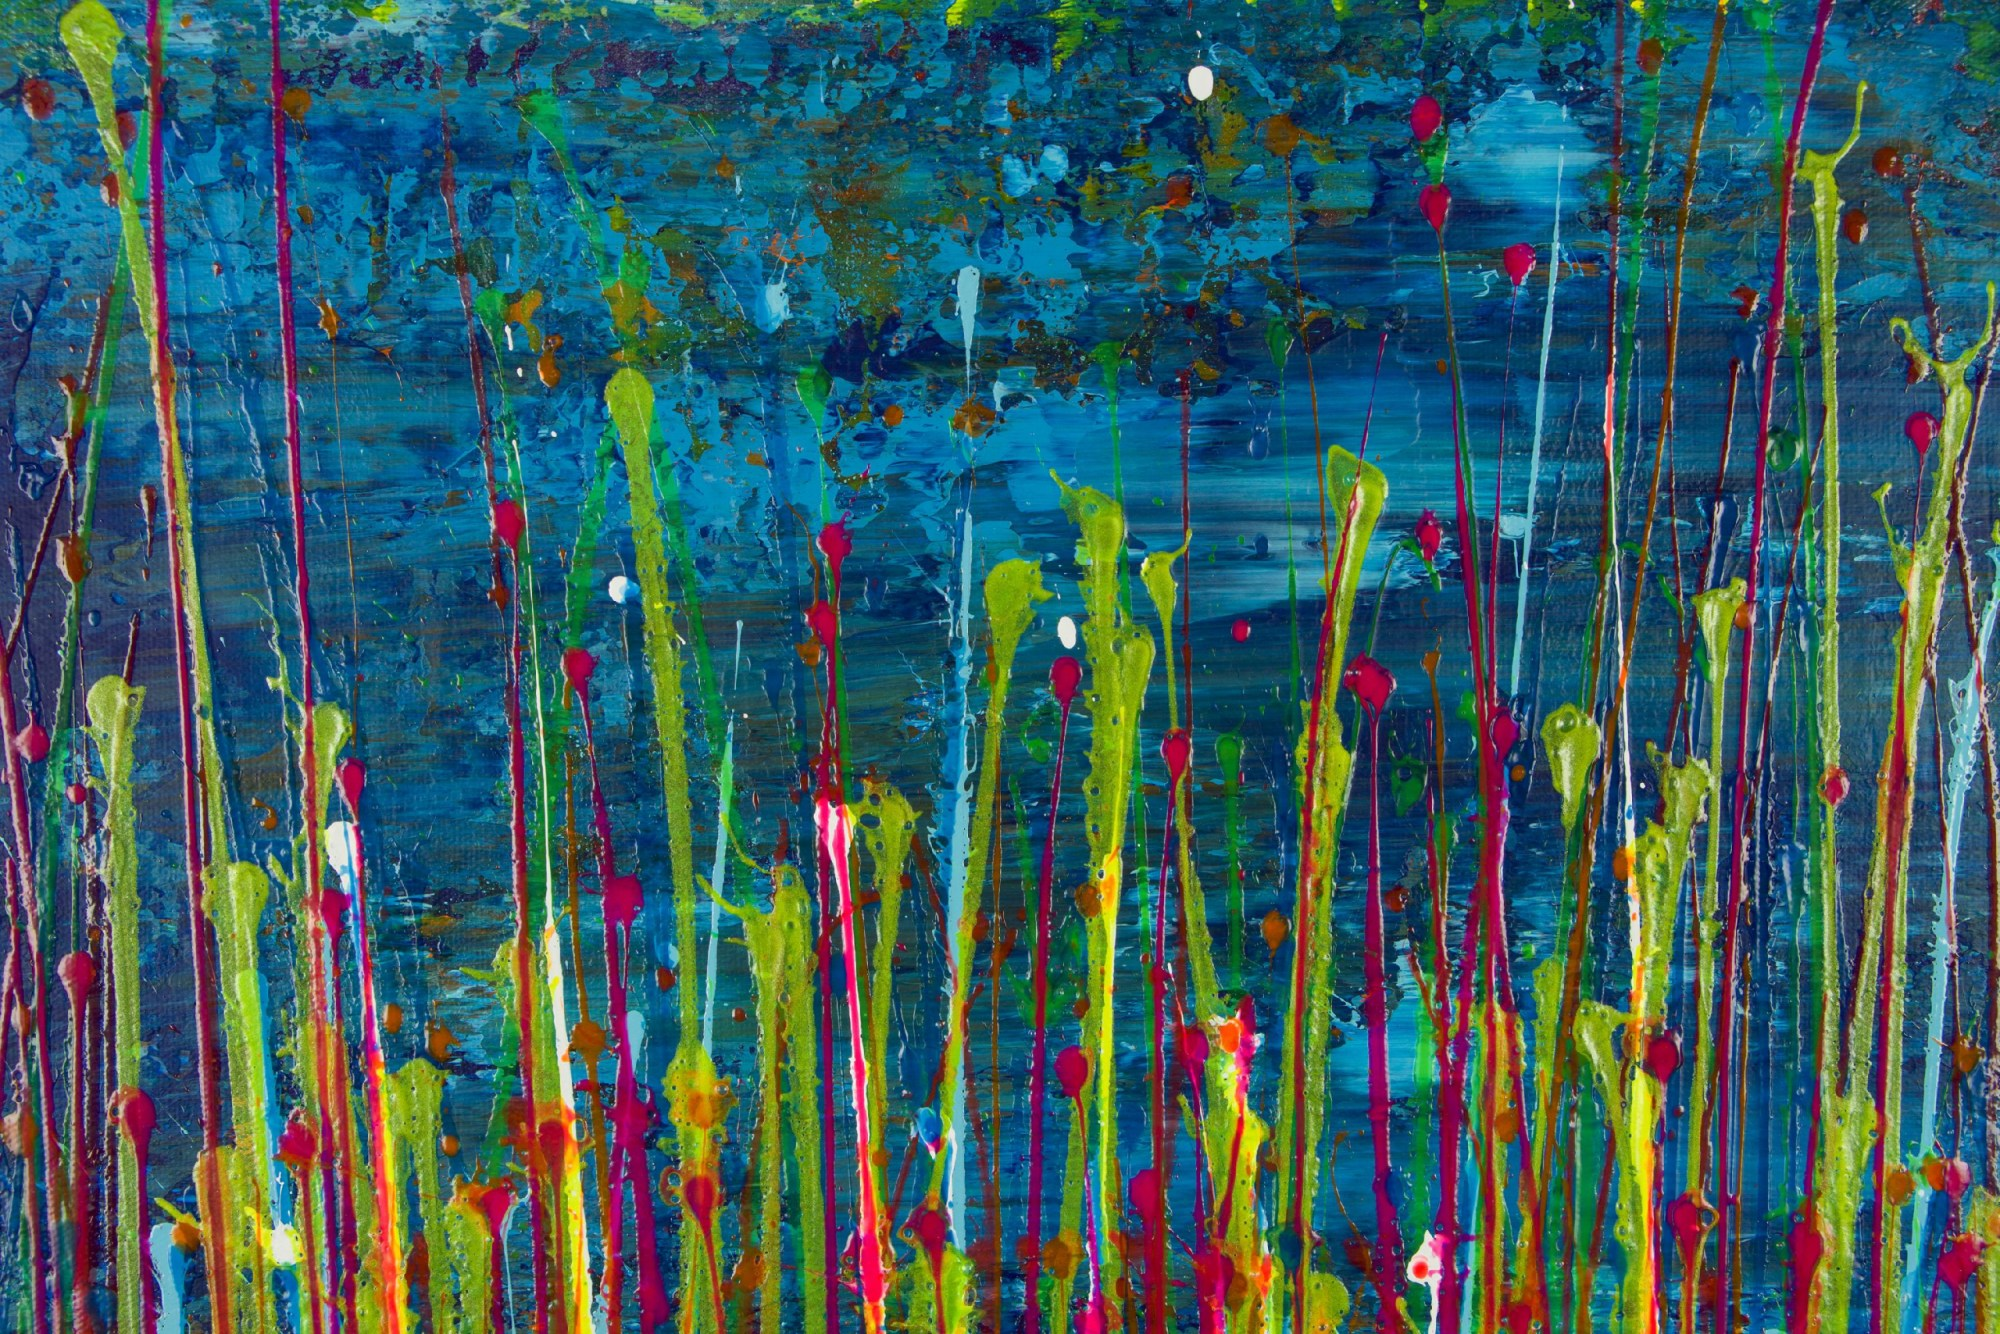 SOLD - Signature / Daydream panorama (Natures Imagery) 25 (2021) by Nestor Toro